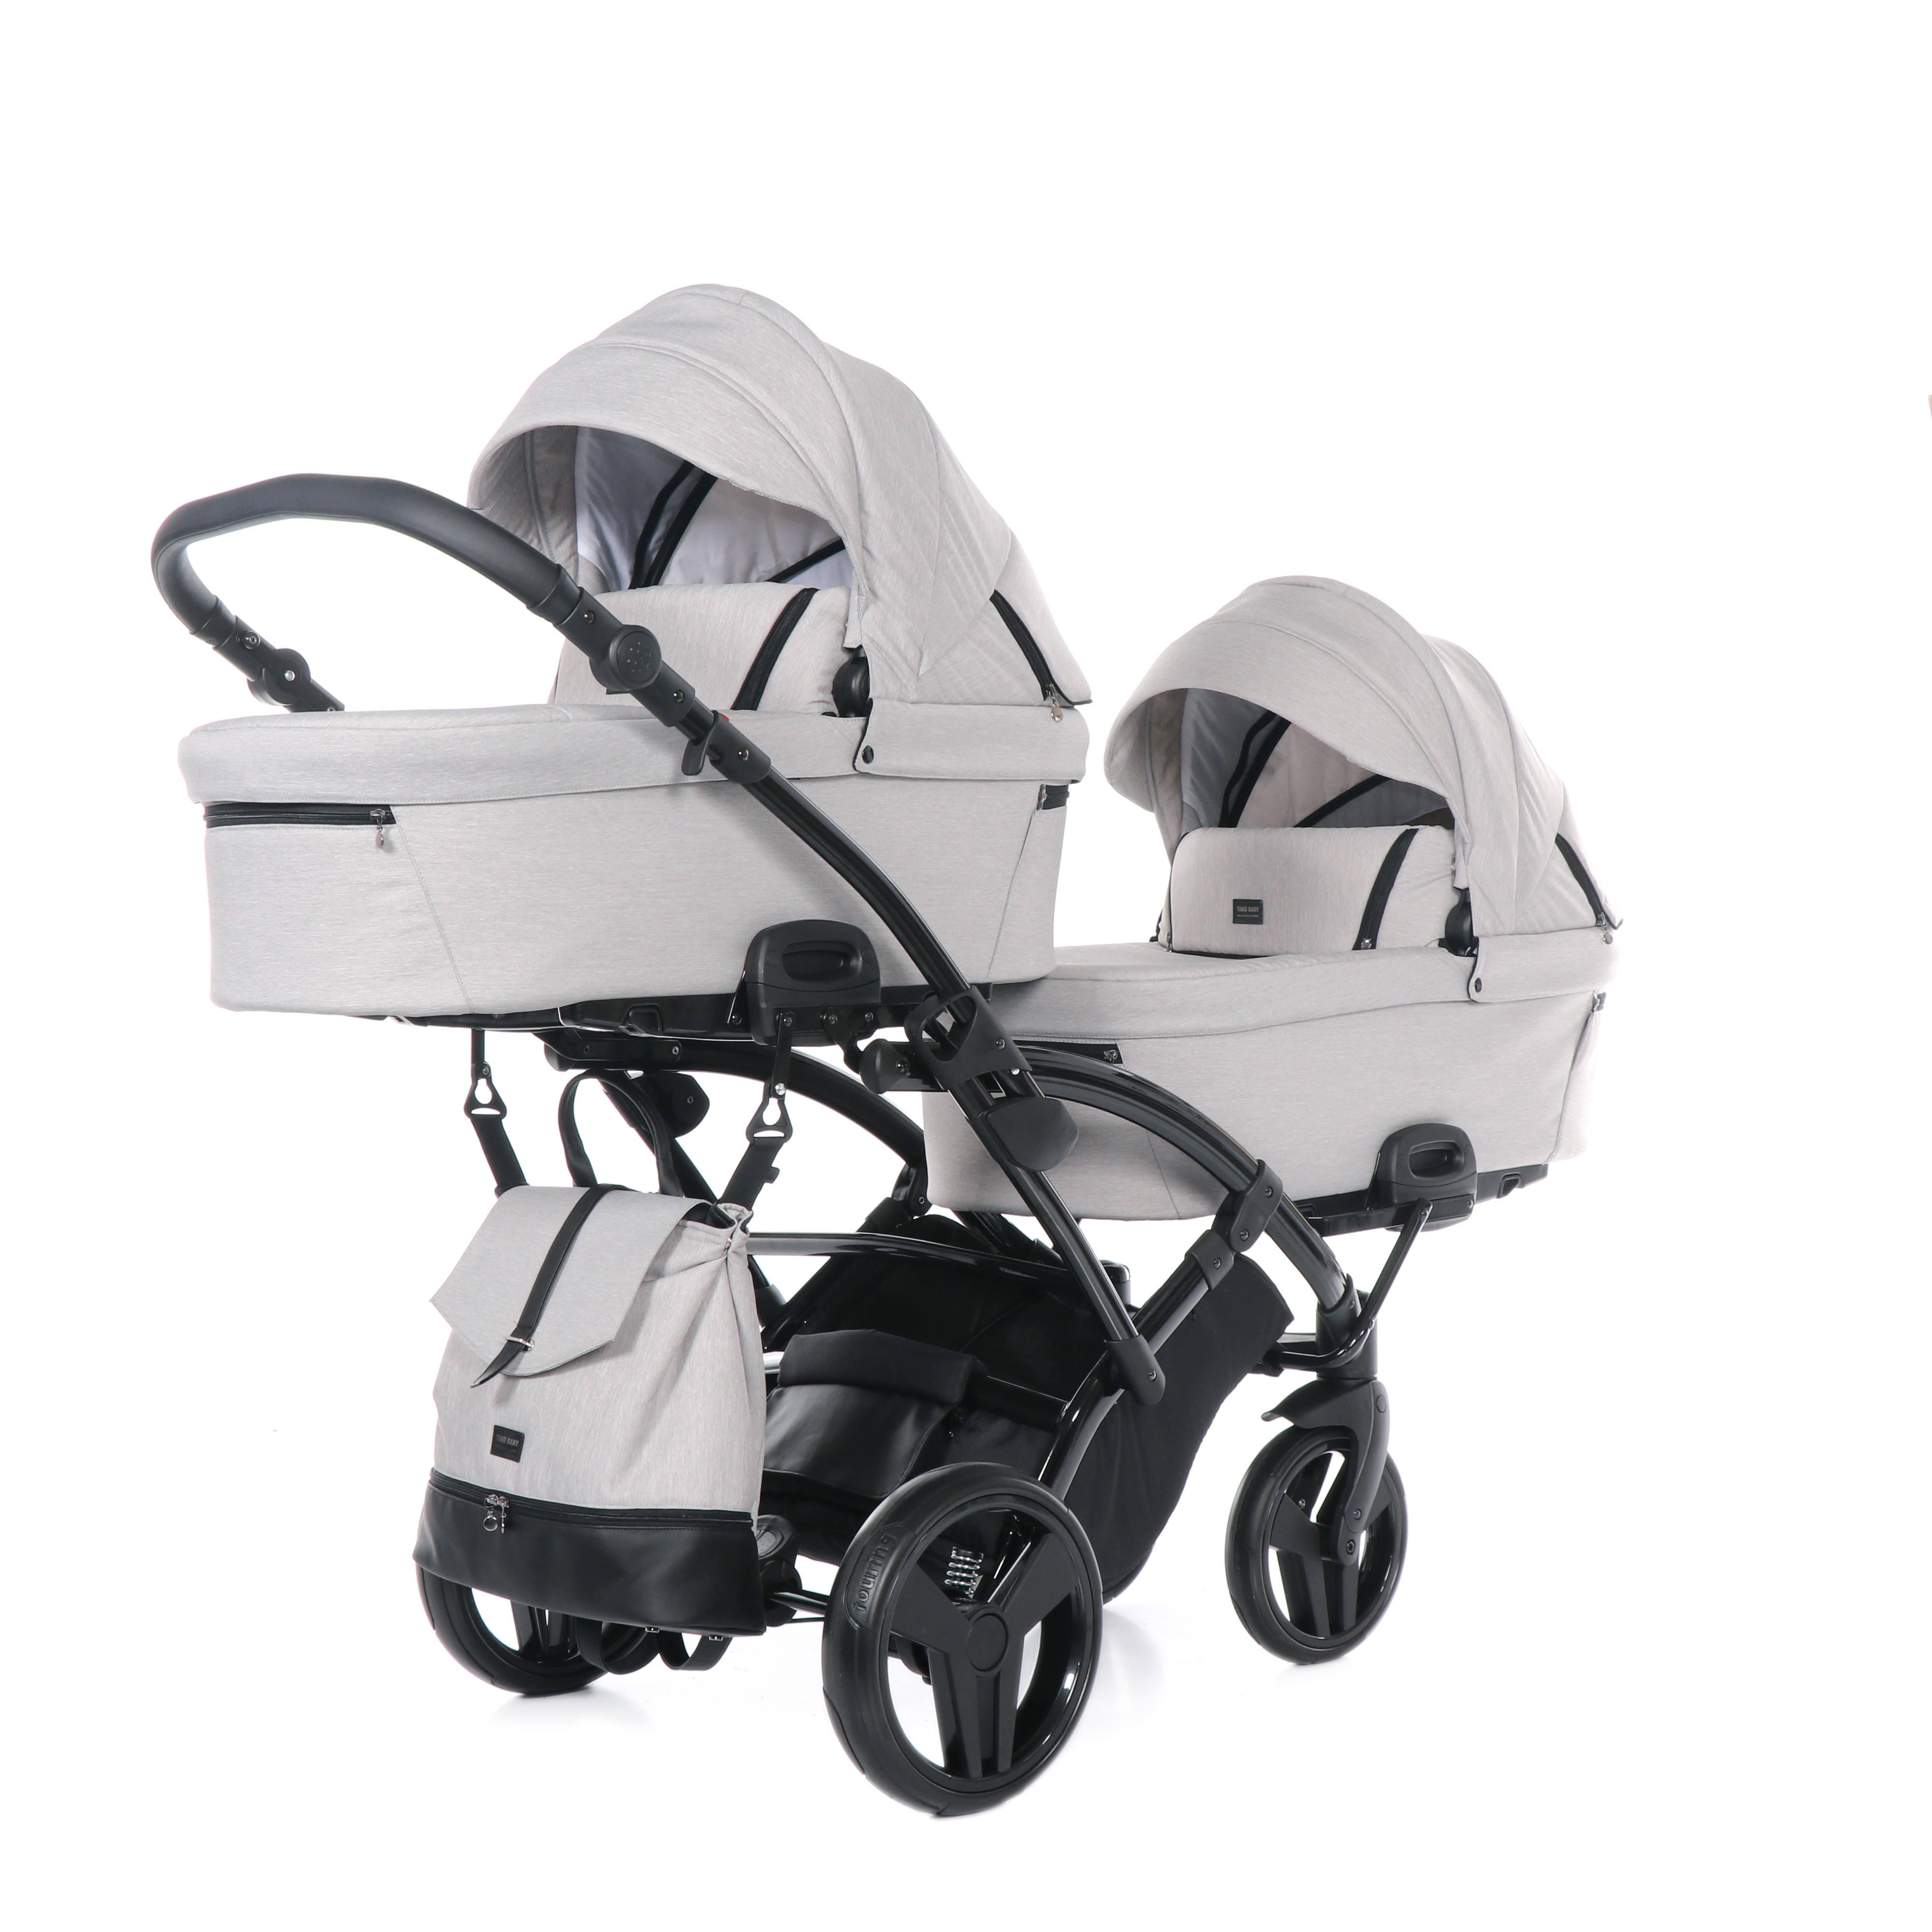 wózek bliźniaczy Artemo Duo Slim wielofunkcyjny dziecięcy Tako głęboko spacerowy